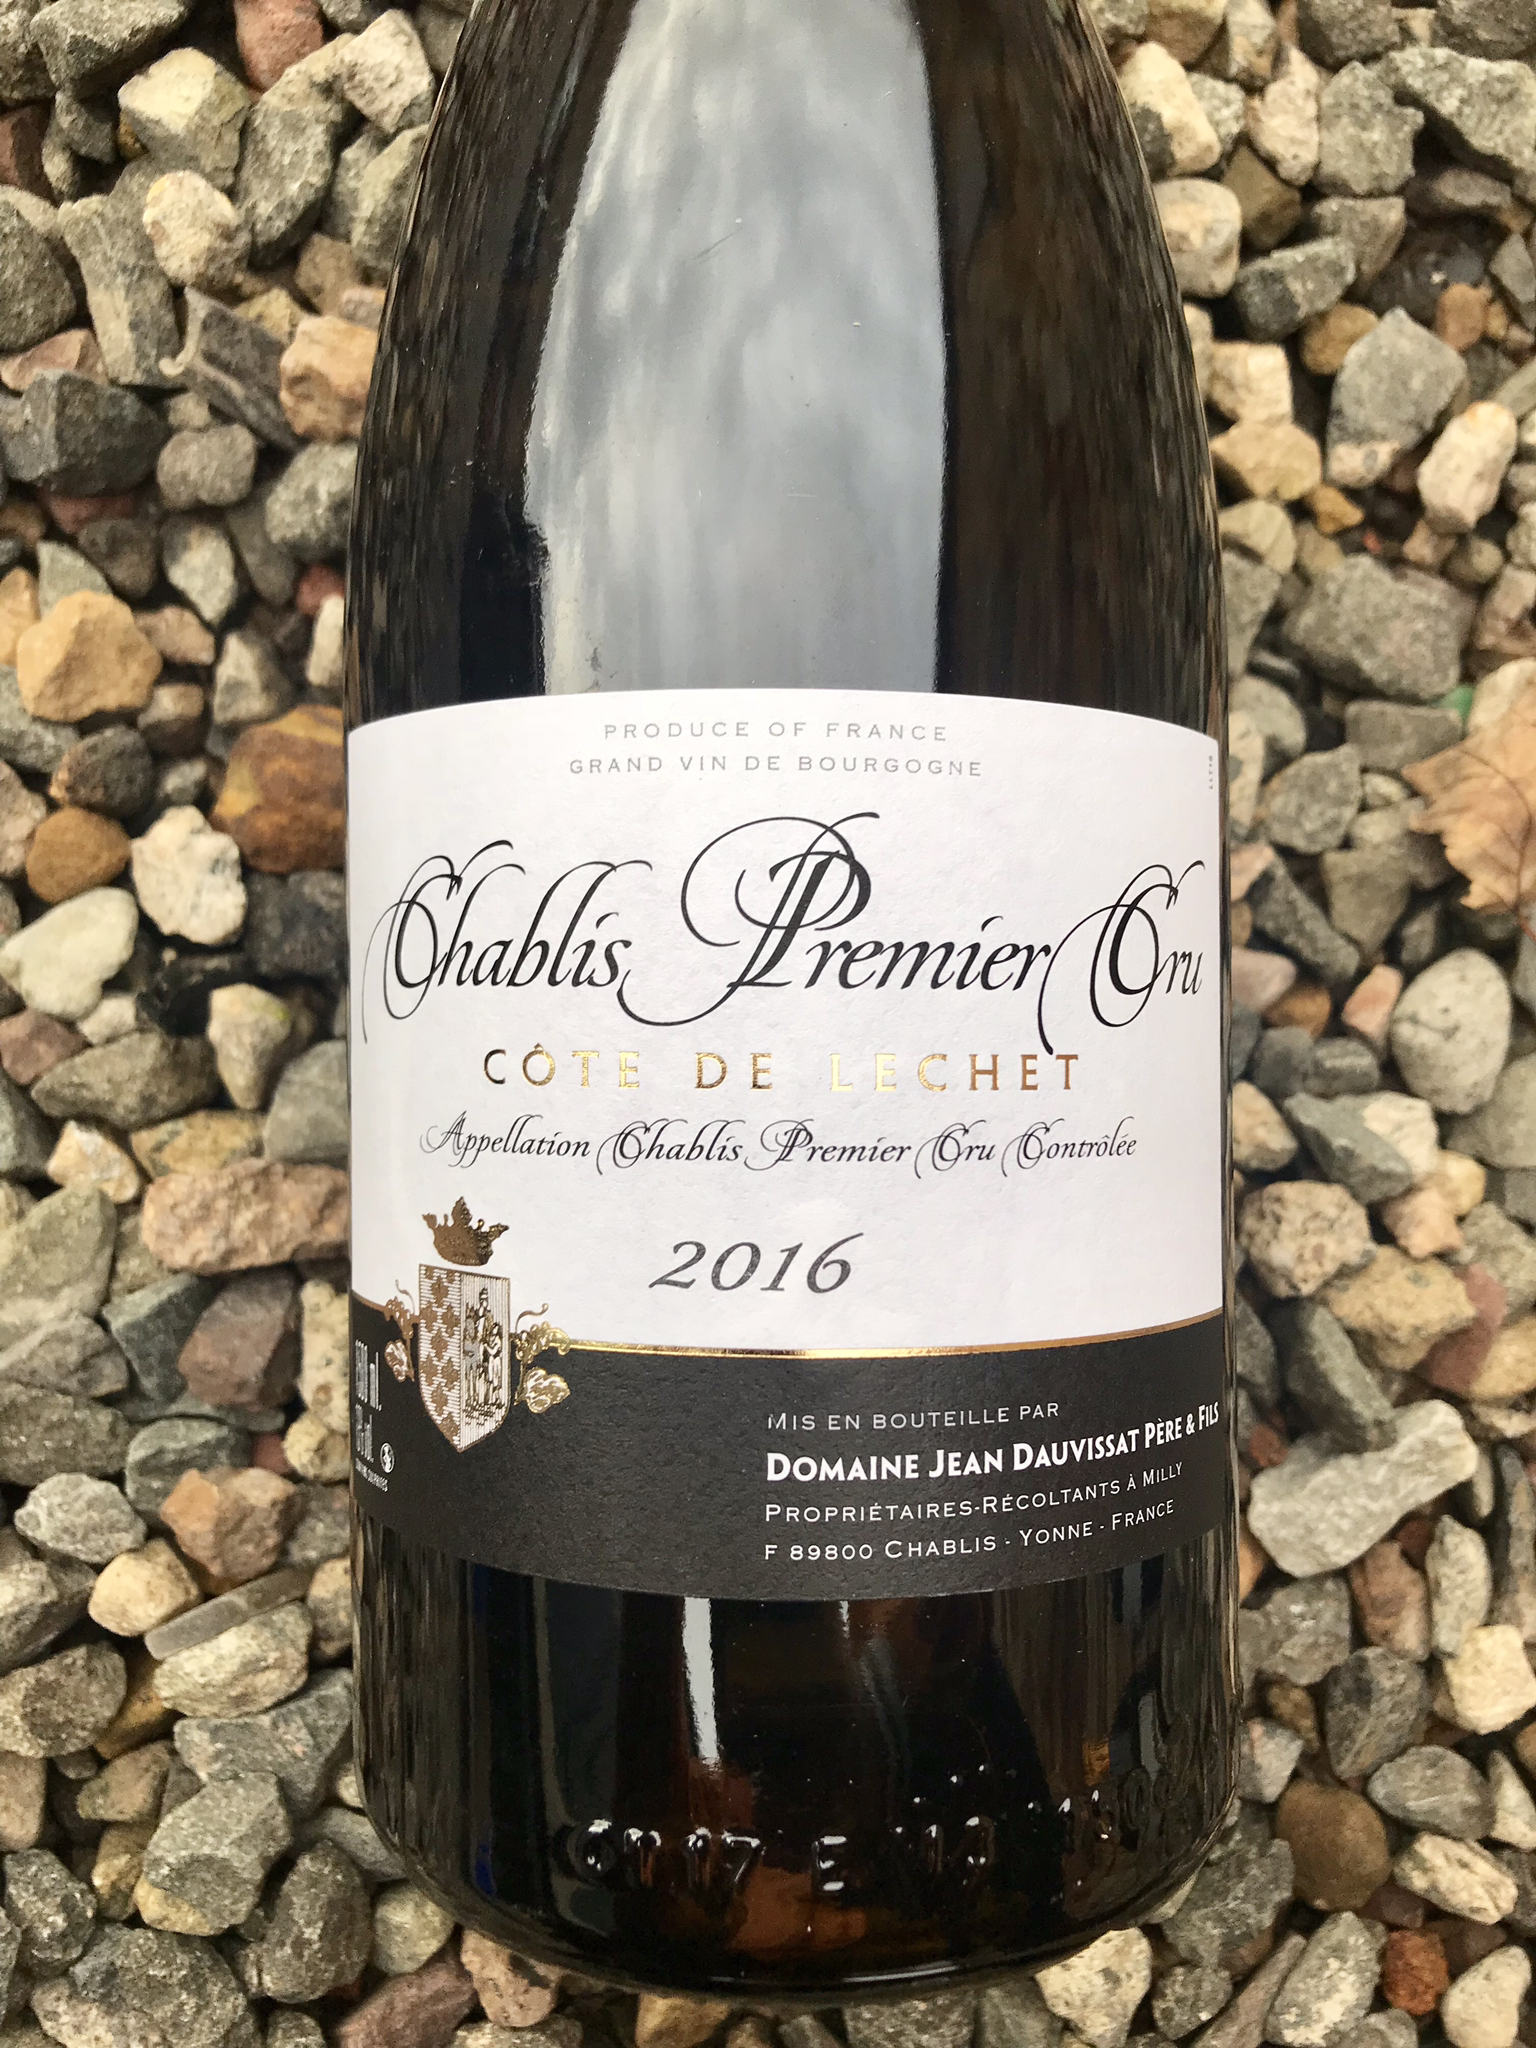 Chablis Premier Cru 'Cote de Lechet' 2016, Domaine Jean Dauvissat Magnum 00076